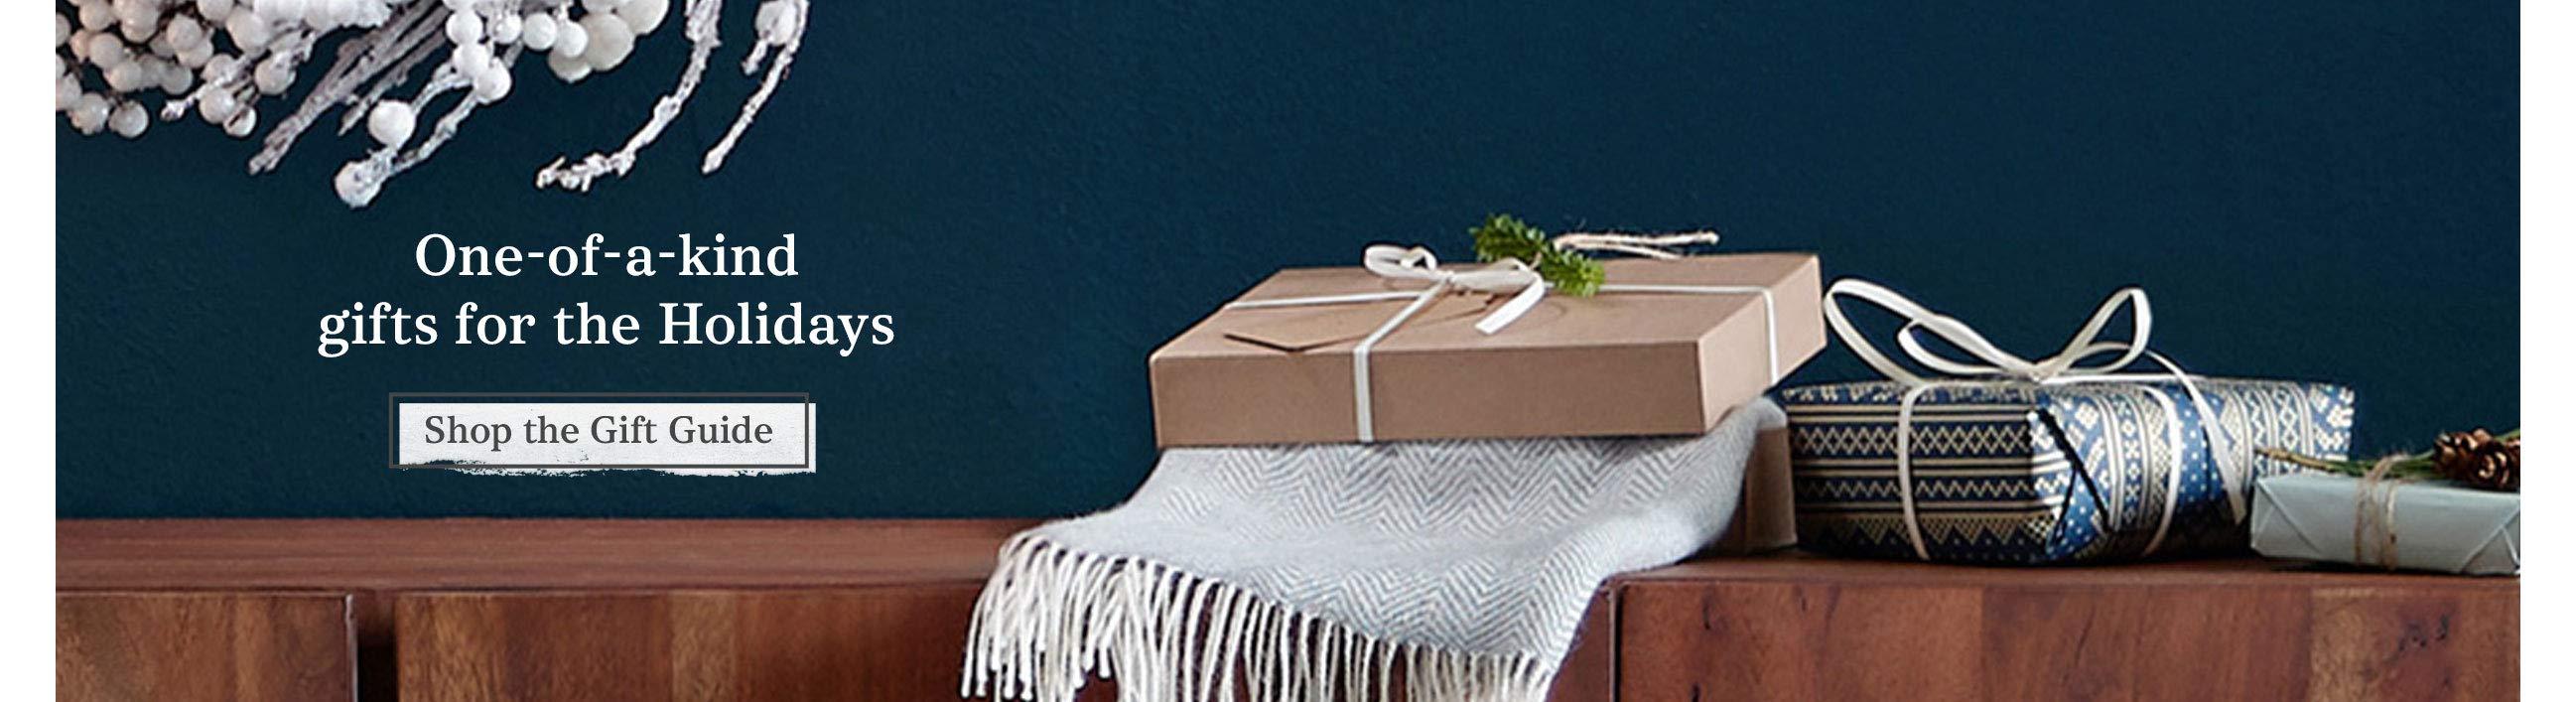 Gift Shop | Amazon Handmade